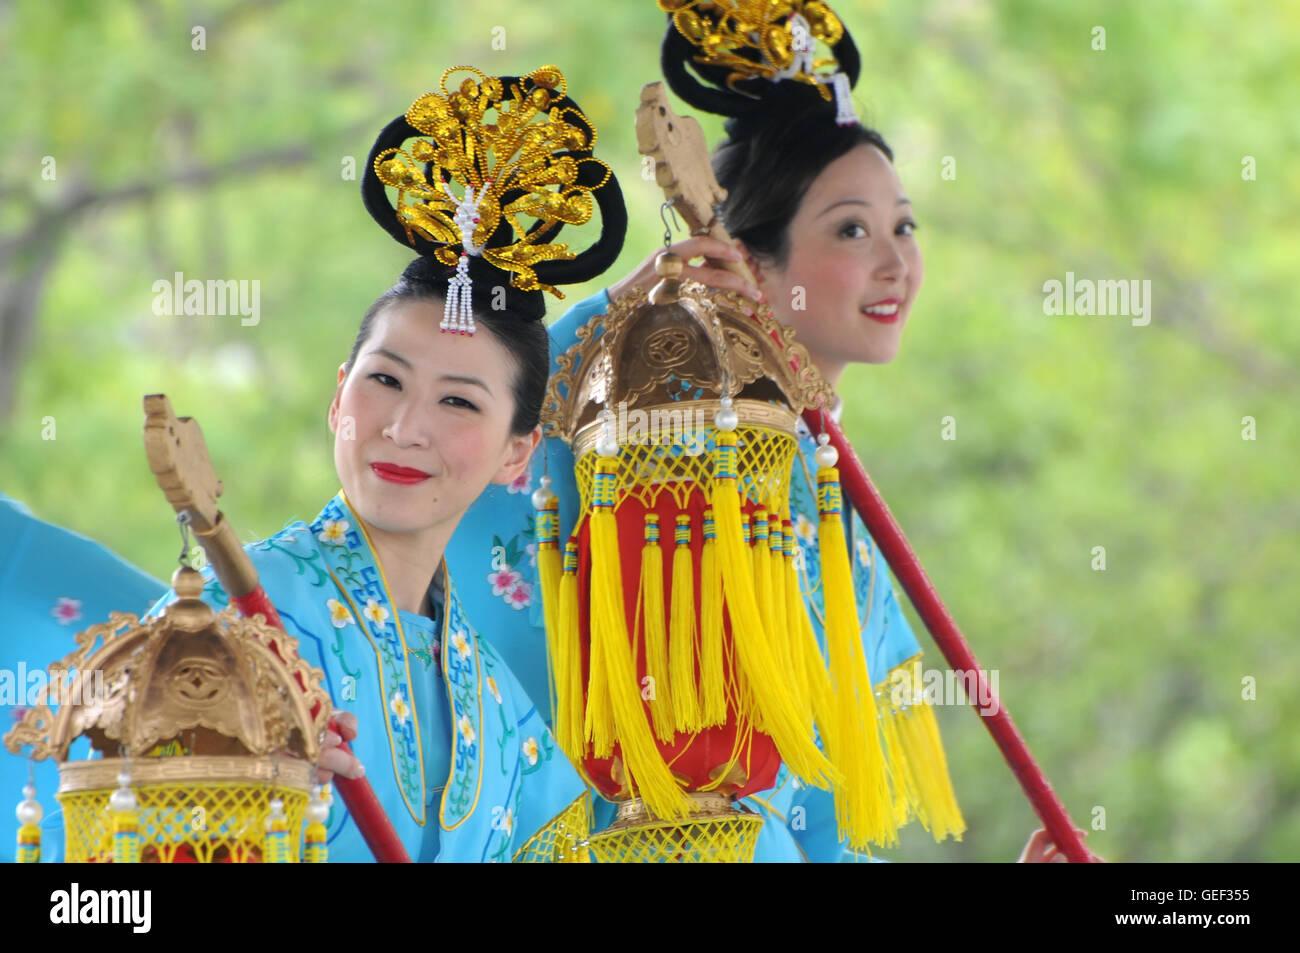 Chinese women dancer - Stock Image